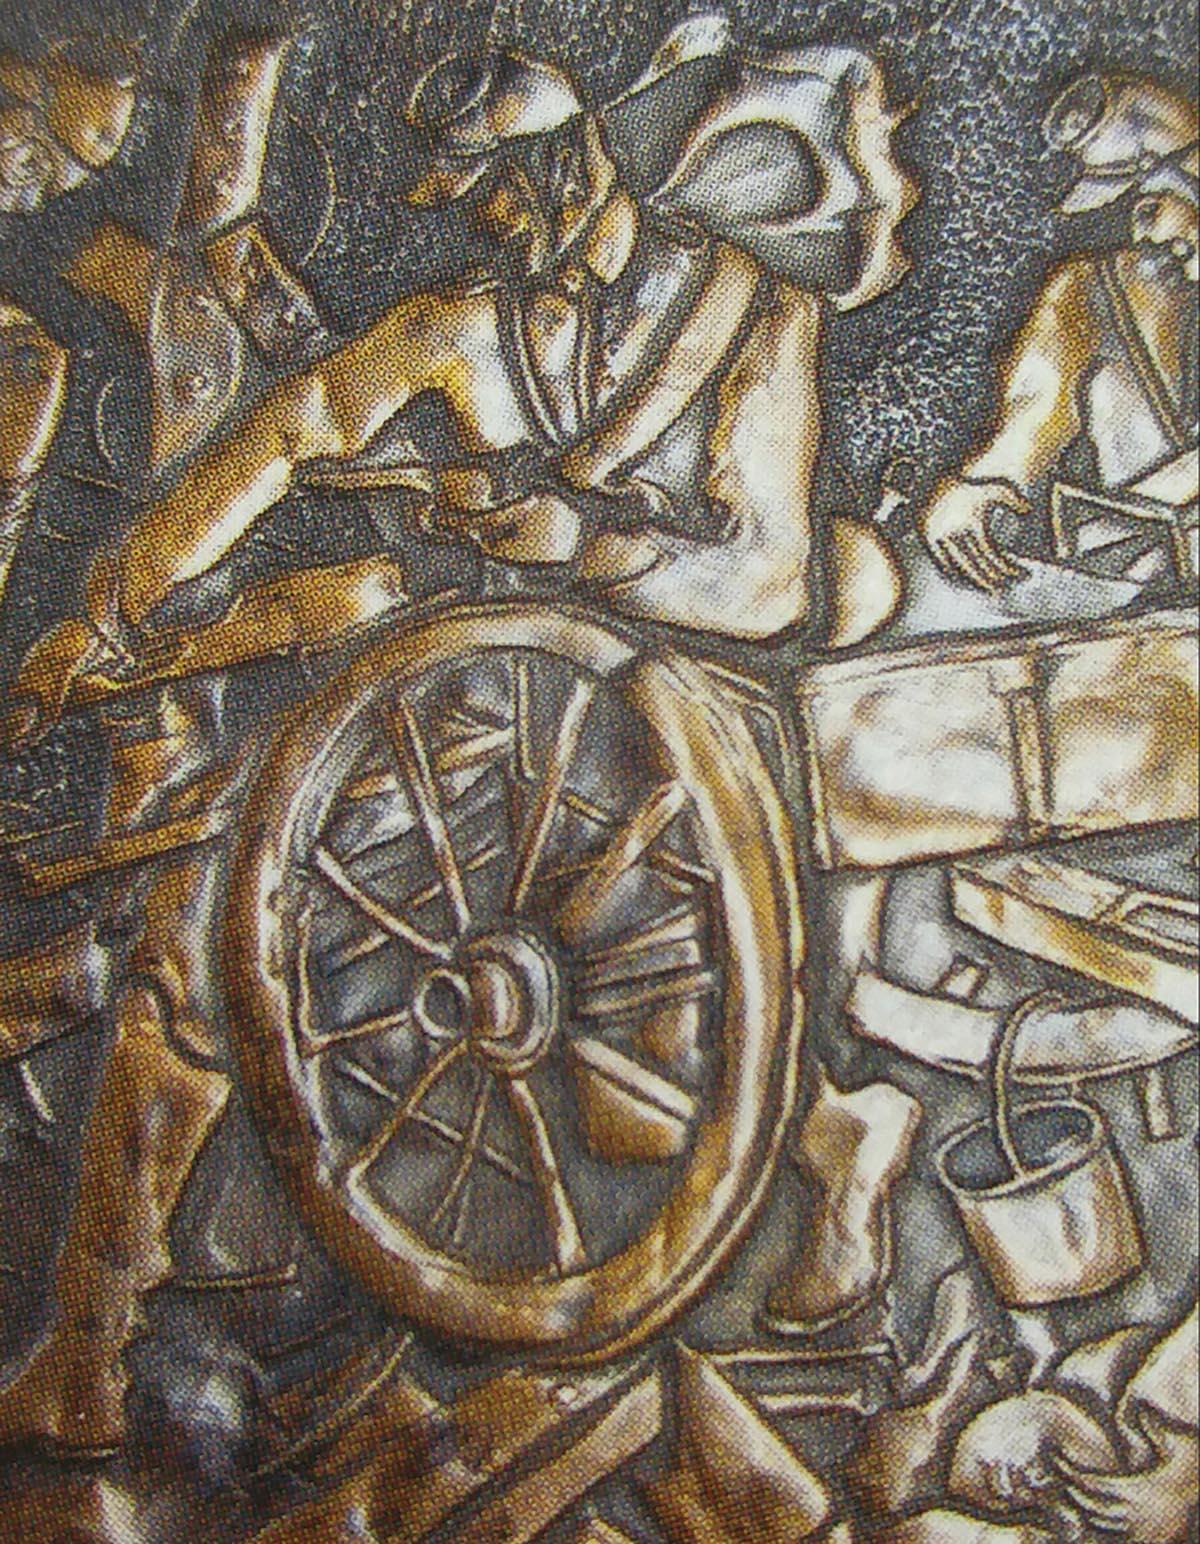 woodcuts-greg-ridley-1213161028-1